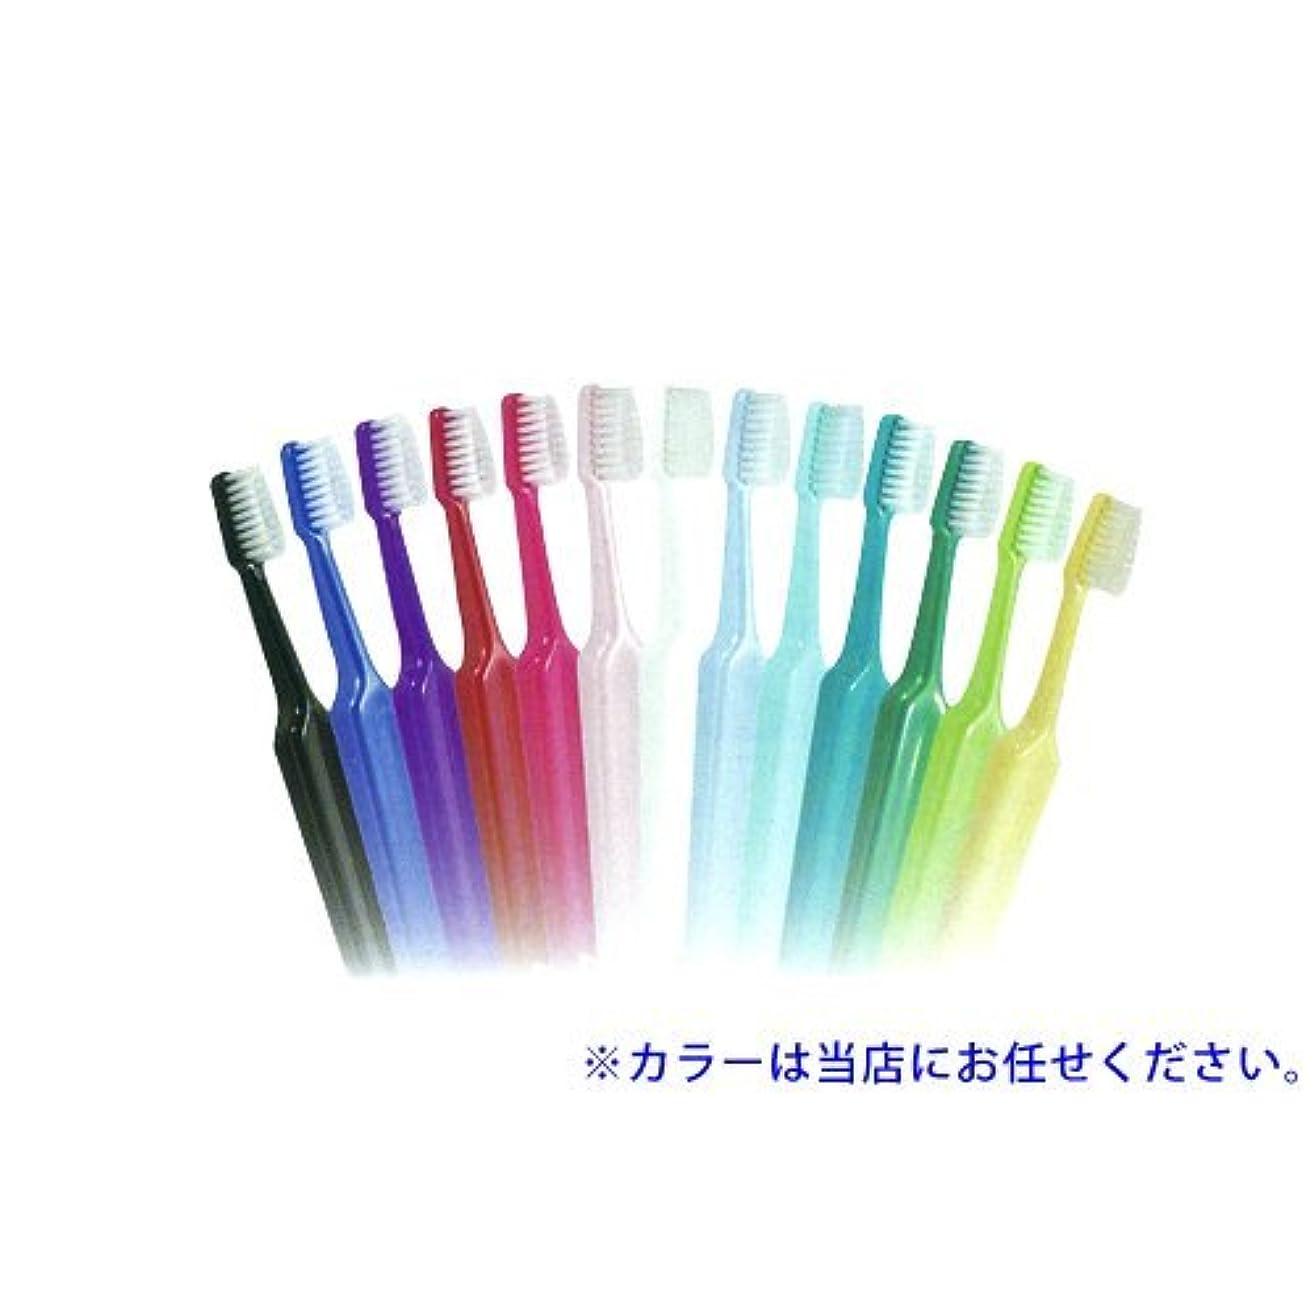 征服者くつろぎポーズクロスフィールド TePe テペ セレクトミニ 歯ブラシ 1本 エクストラソフト